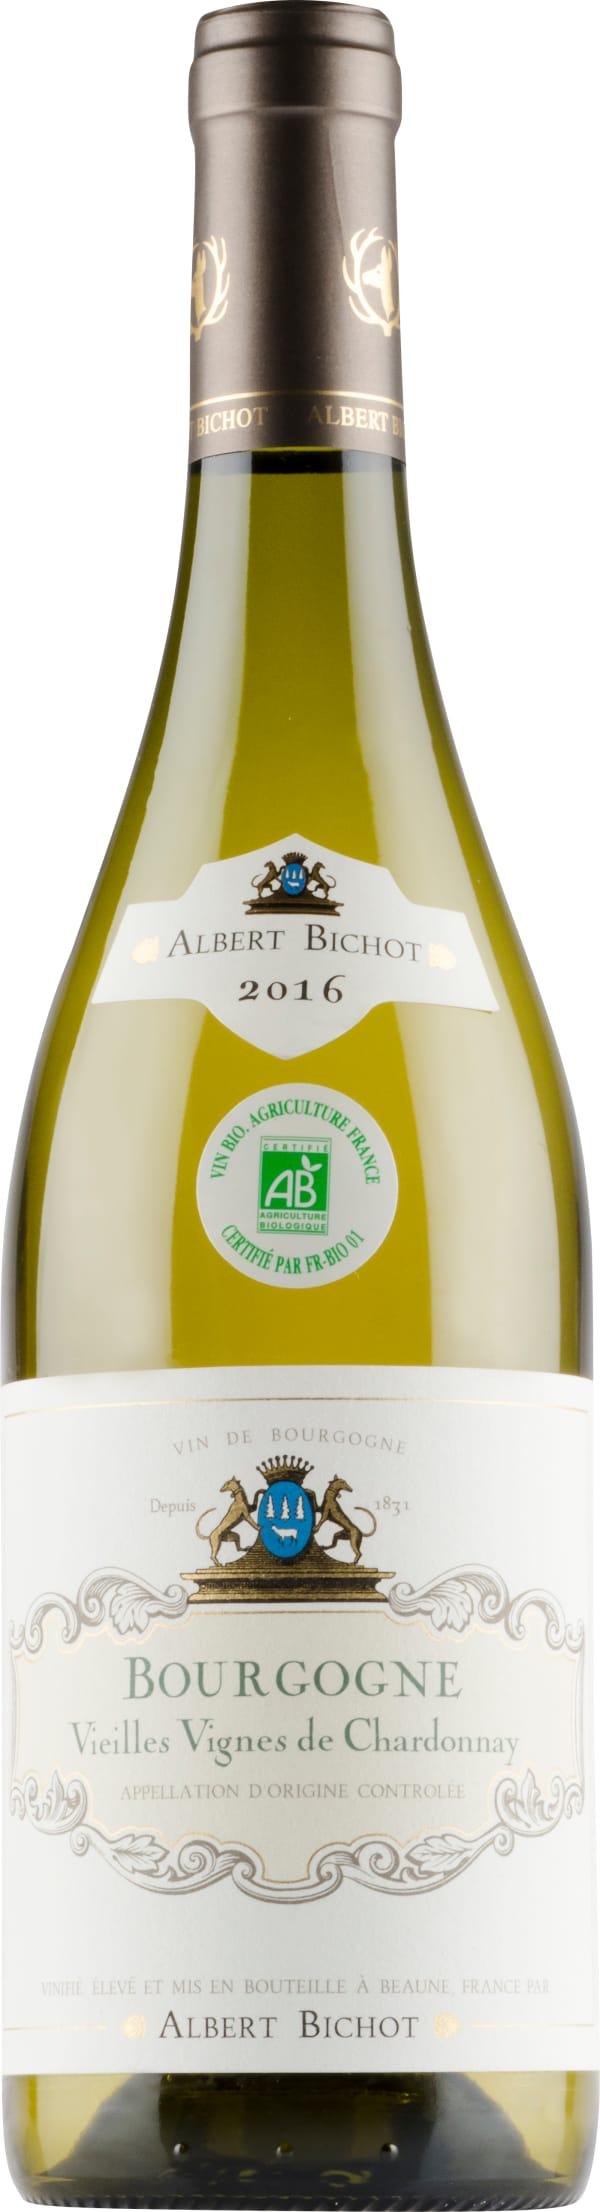 Albert Bichot Bourgogne Vieilles Vignes de Chardonnay 2017